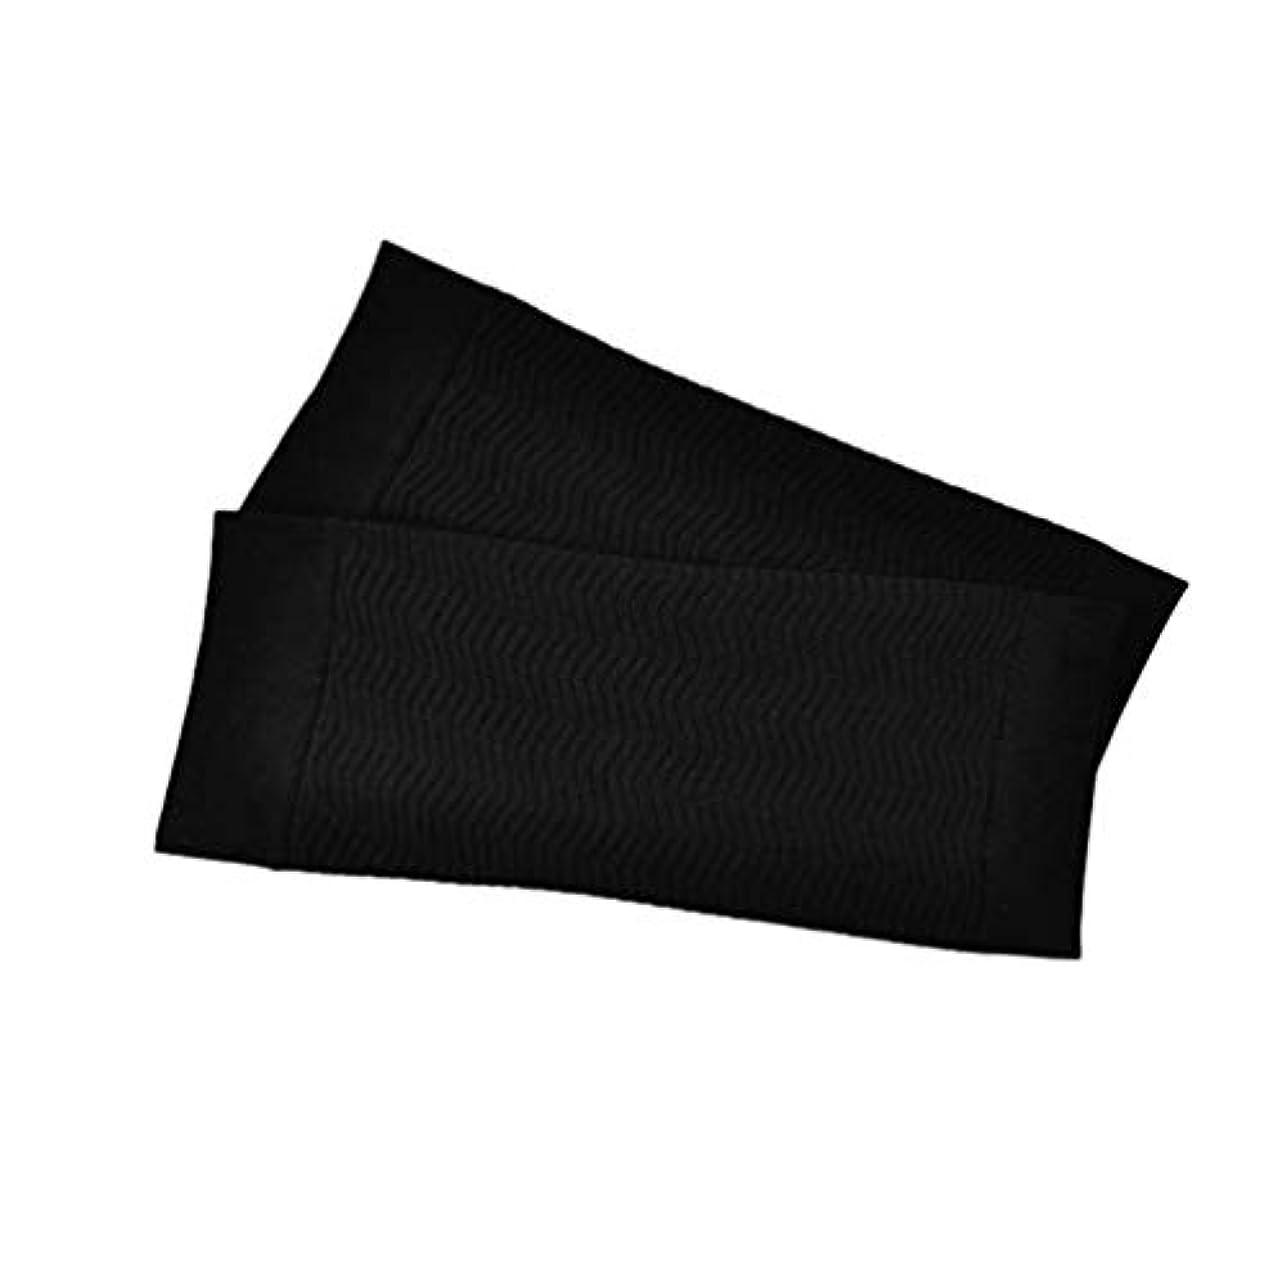 マークダウン翻訳する勢い1ペア680 D圧縮アームシェイパーワークアウトトーニングバーンセルライトスリミングアームスリーブ脂肪燃焼半袖用女性 - ブラック